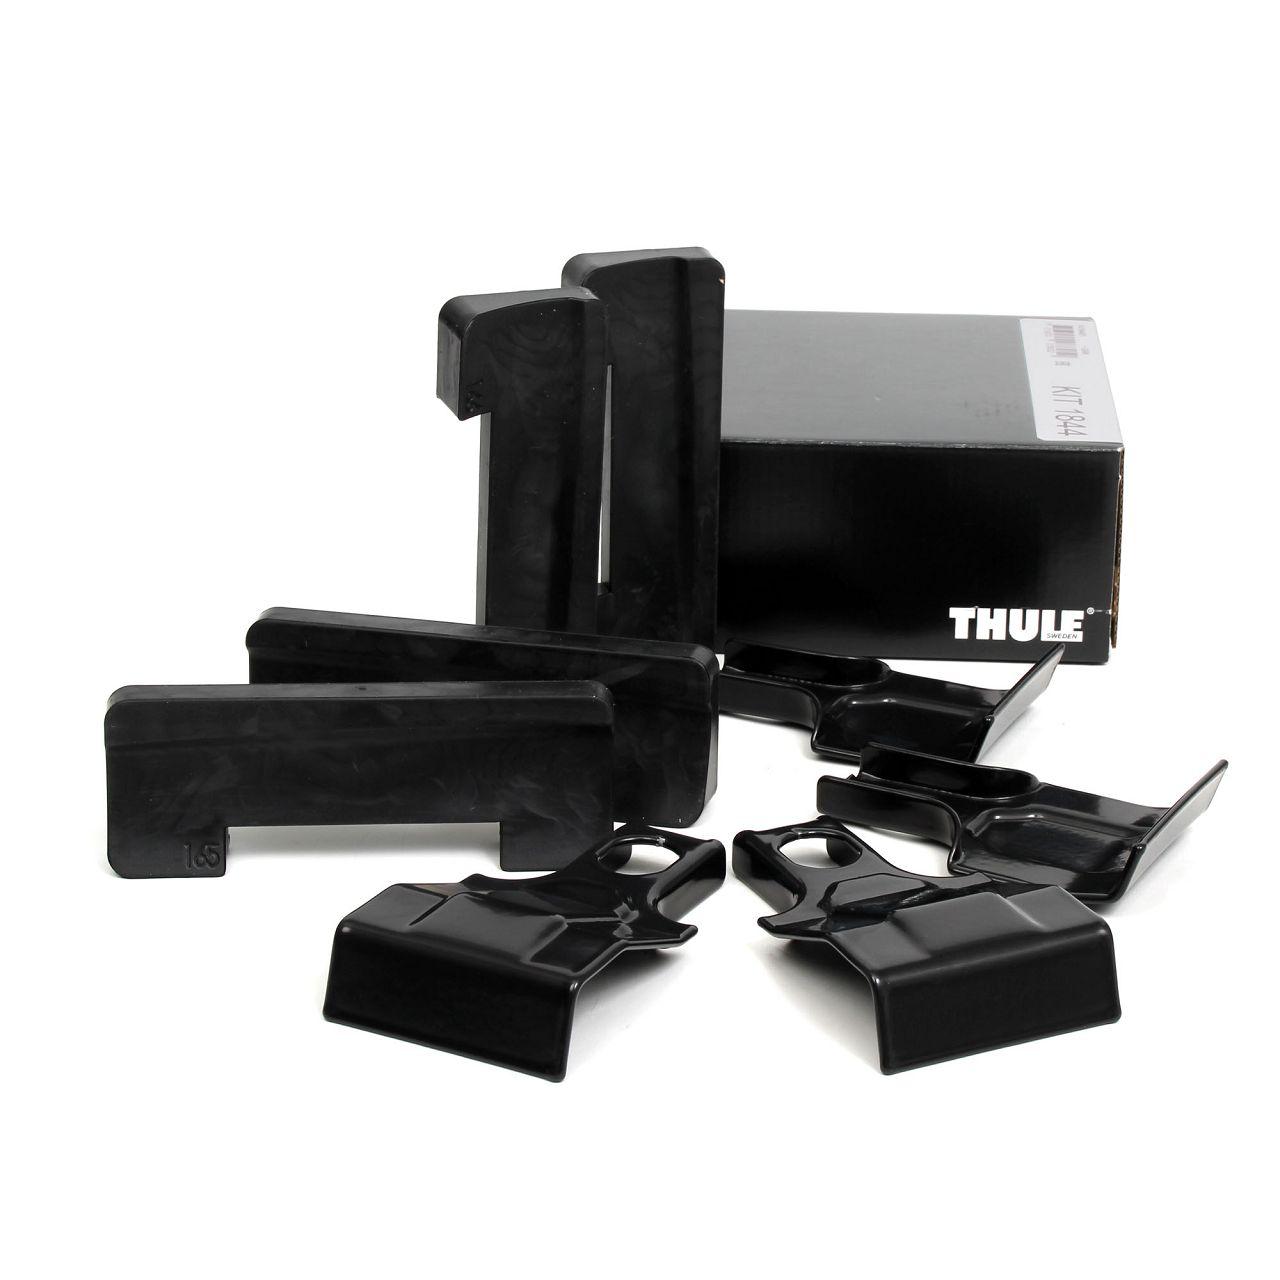 THULE Kit 1844 Montagesatz Montagekit Dachträger RapidSystem